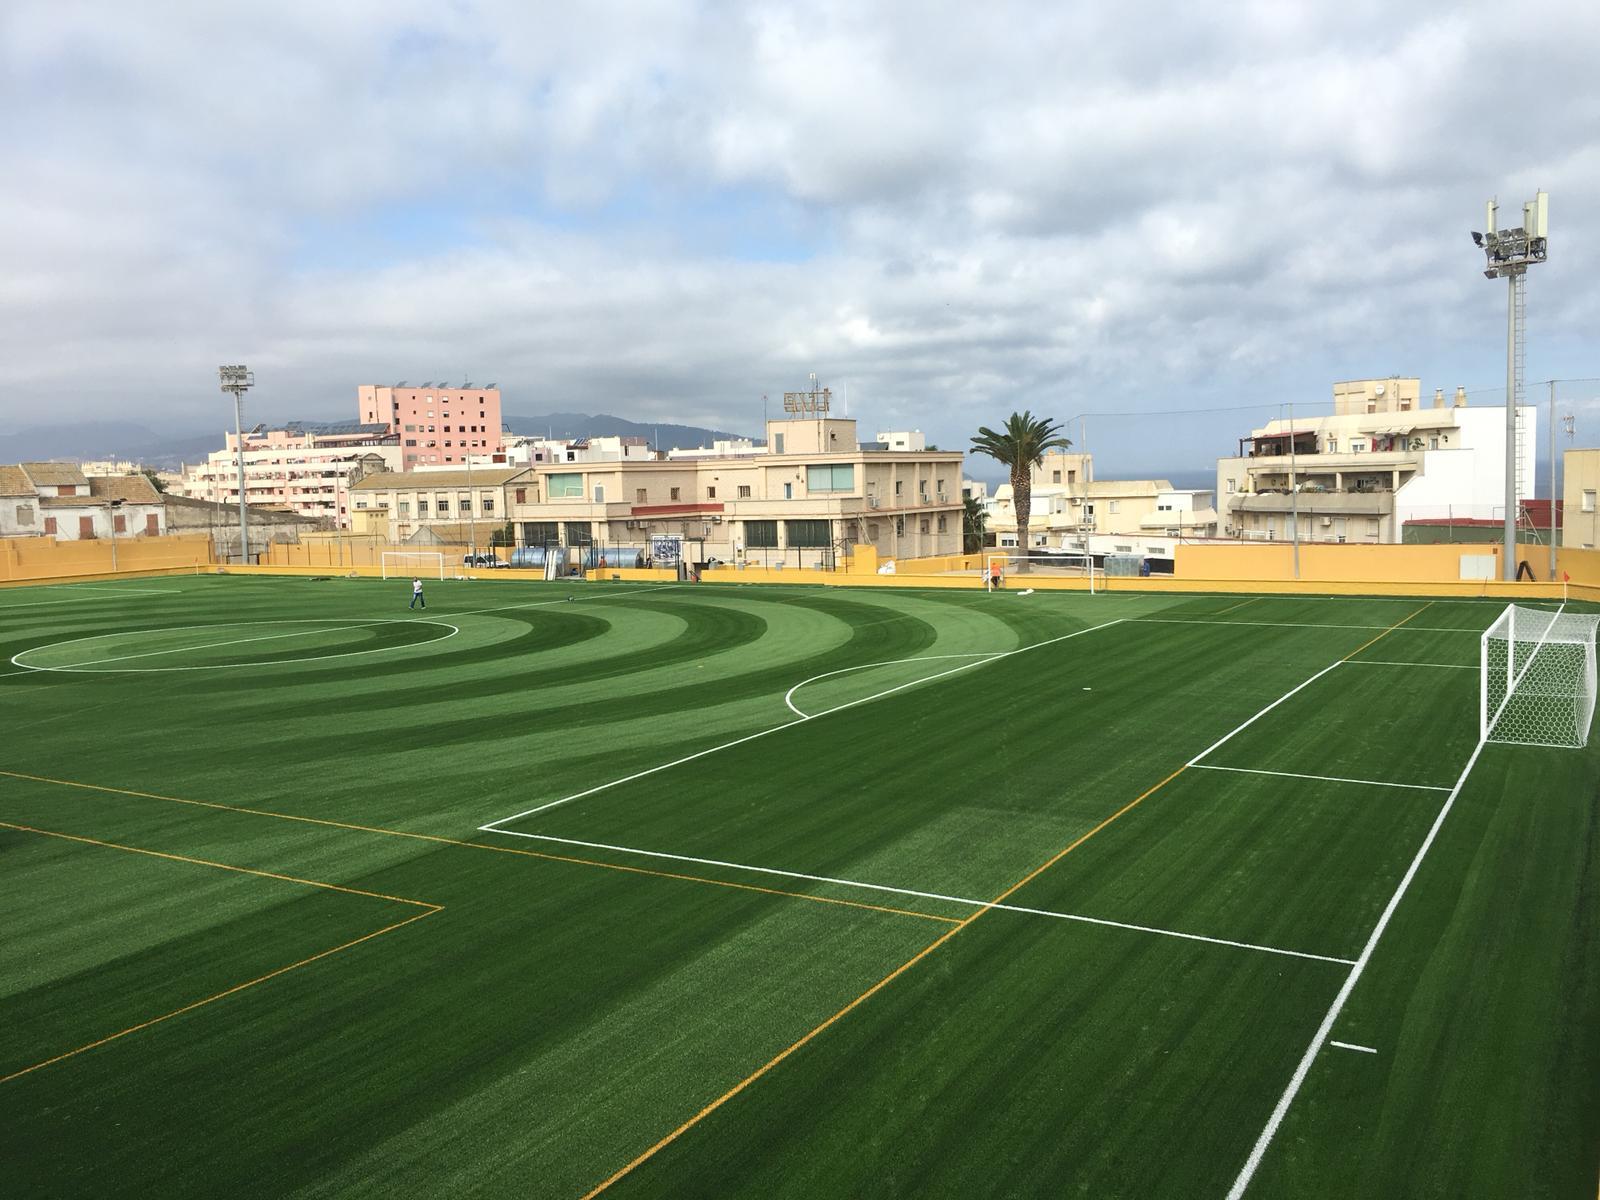 Campo de Fútbol Martínez Pirri, Ceuta Image